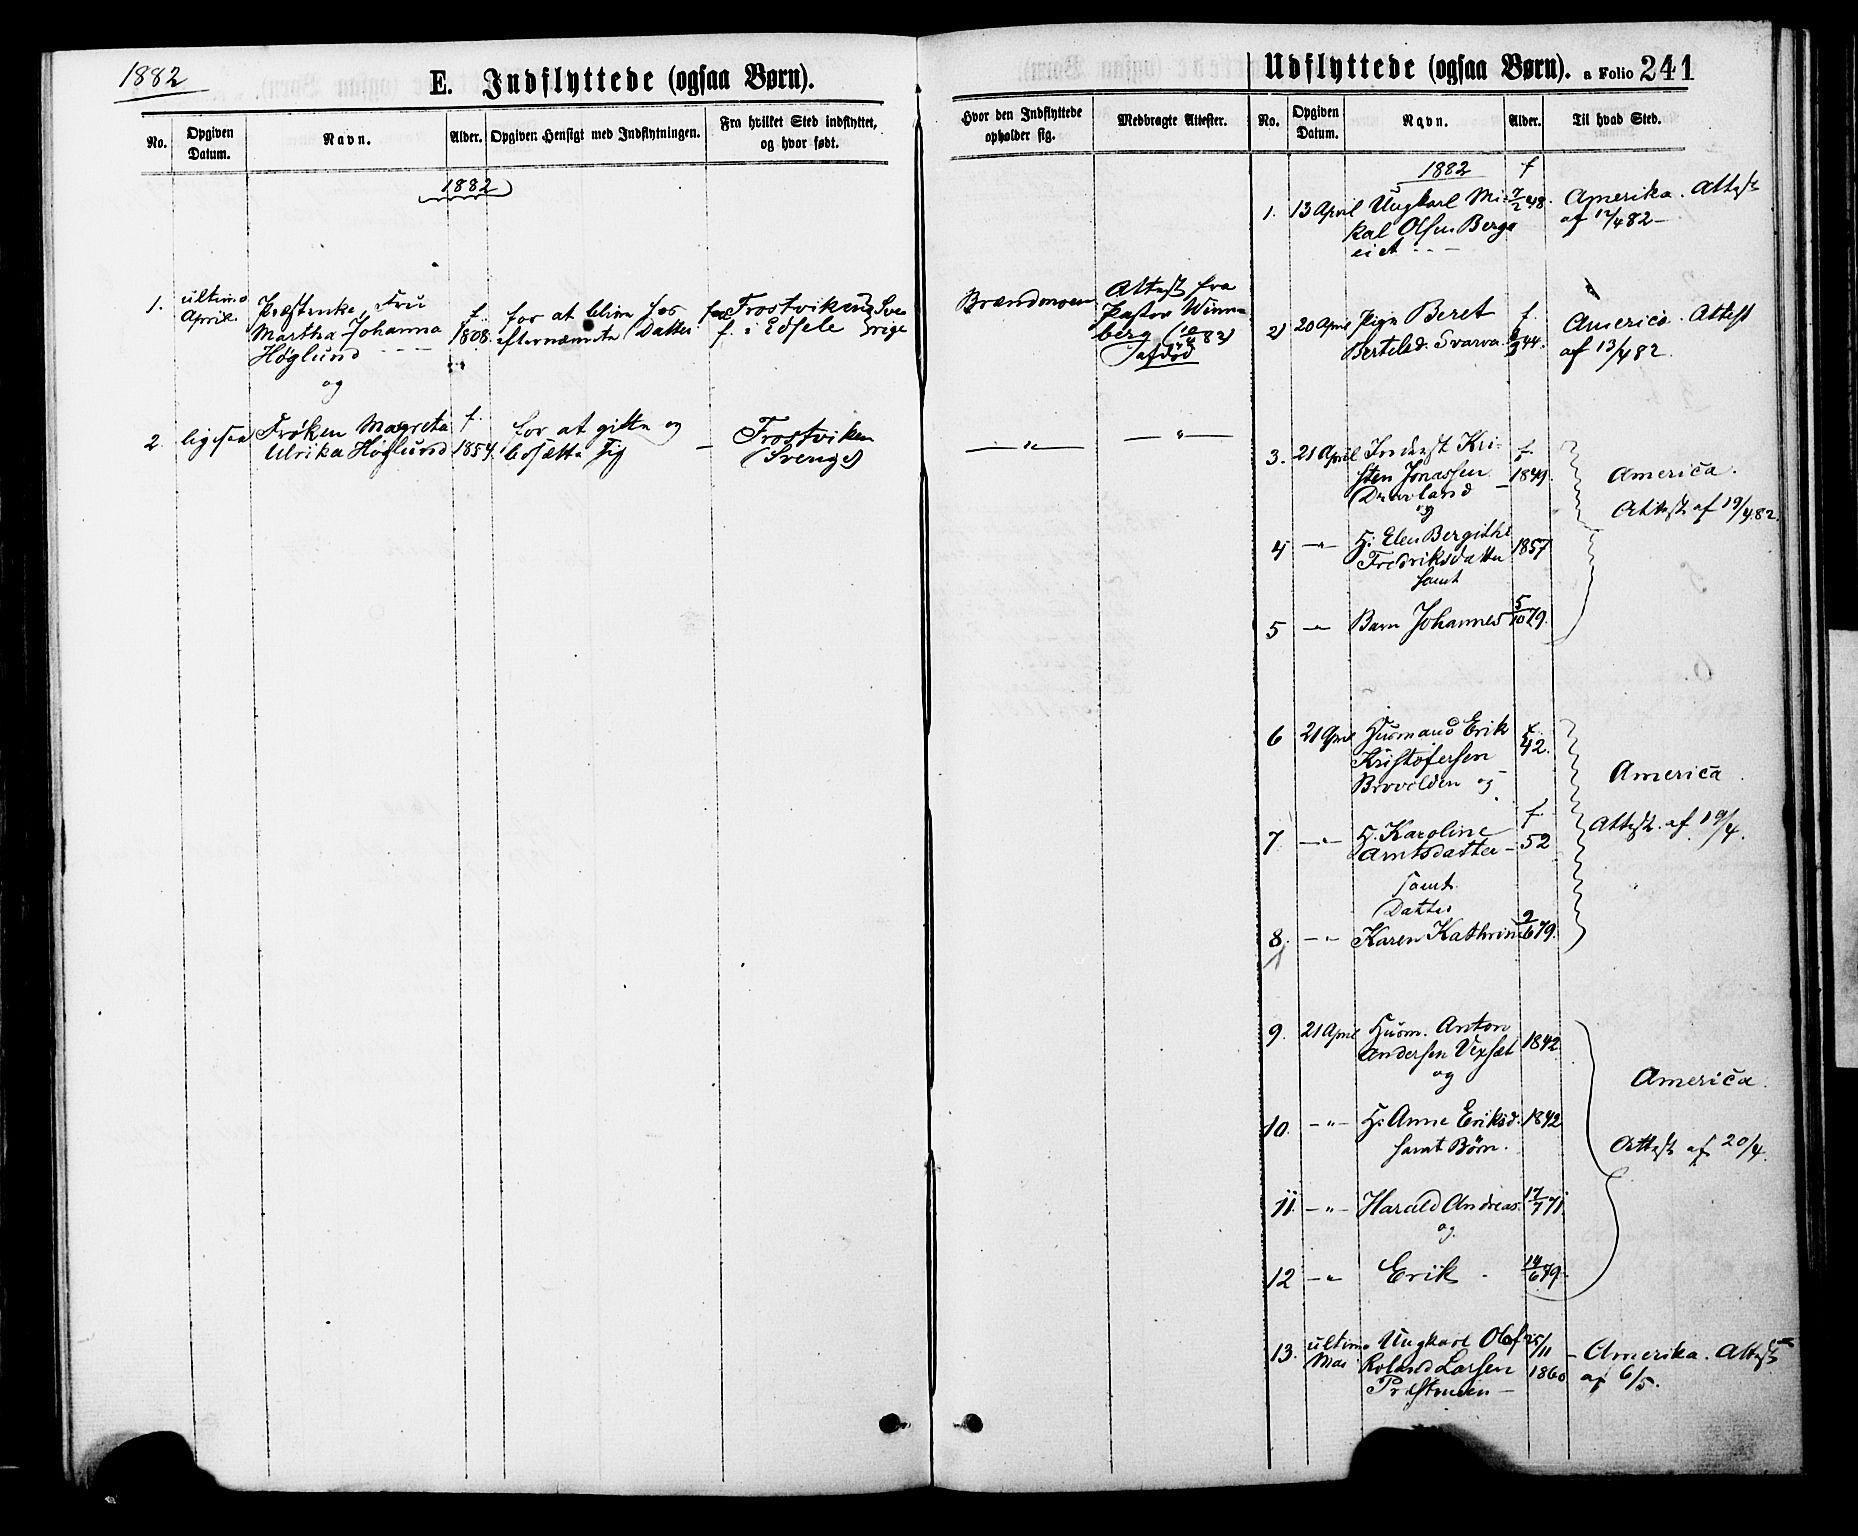 SAT, Ministerialprotokoller, klokkerbøker og fødselsregistre - Nord-Trøndelag, 749/L0473: Ministerialbok nr. 749A07, 1873-1887, s. 241